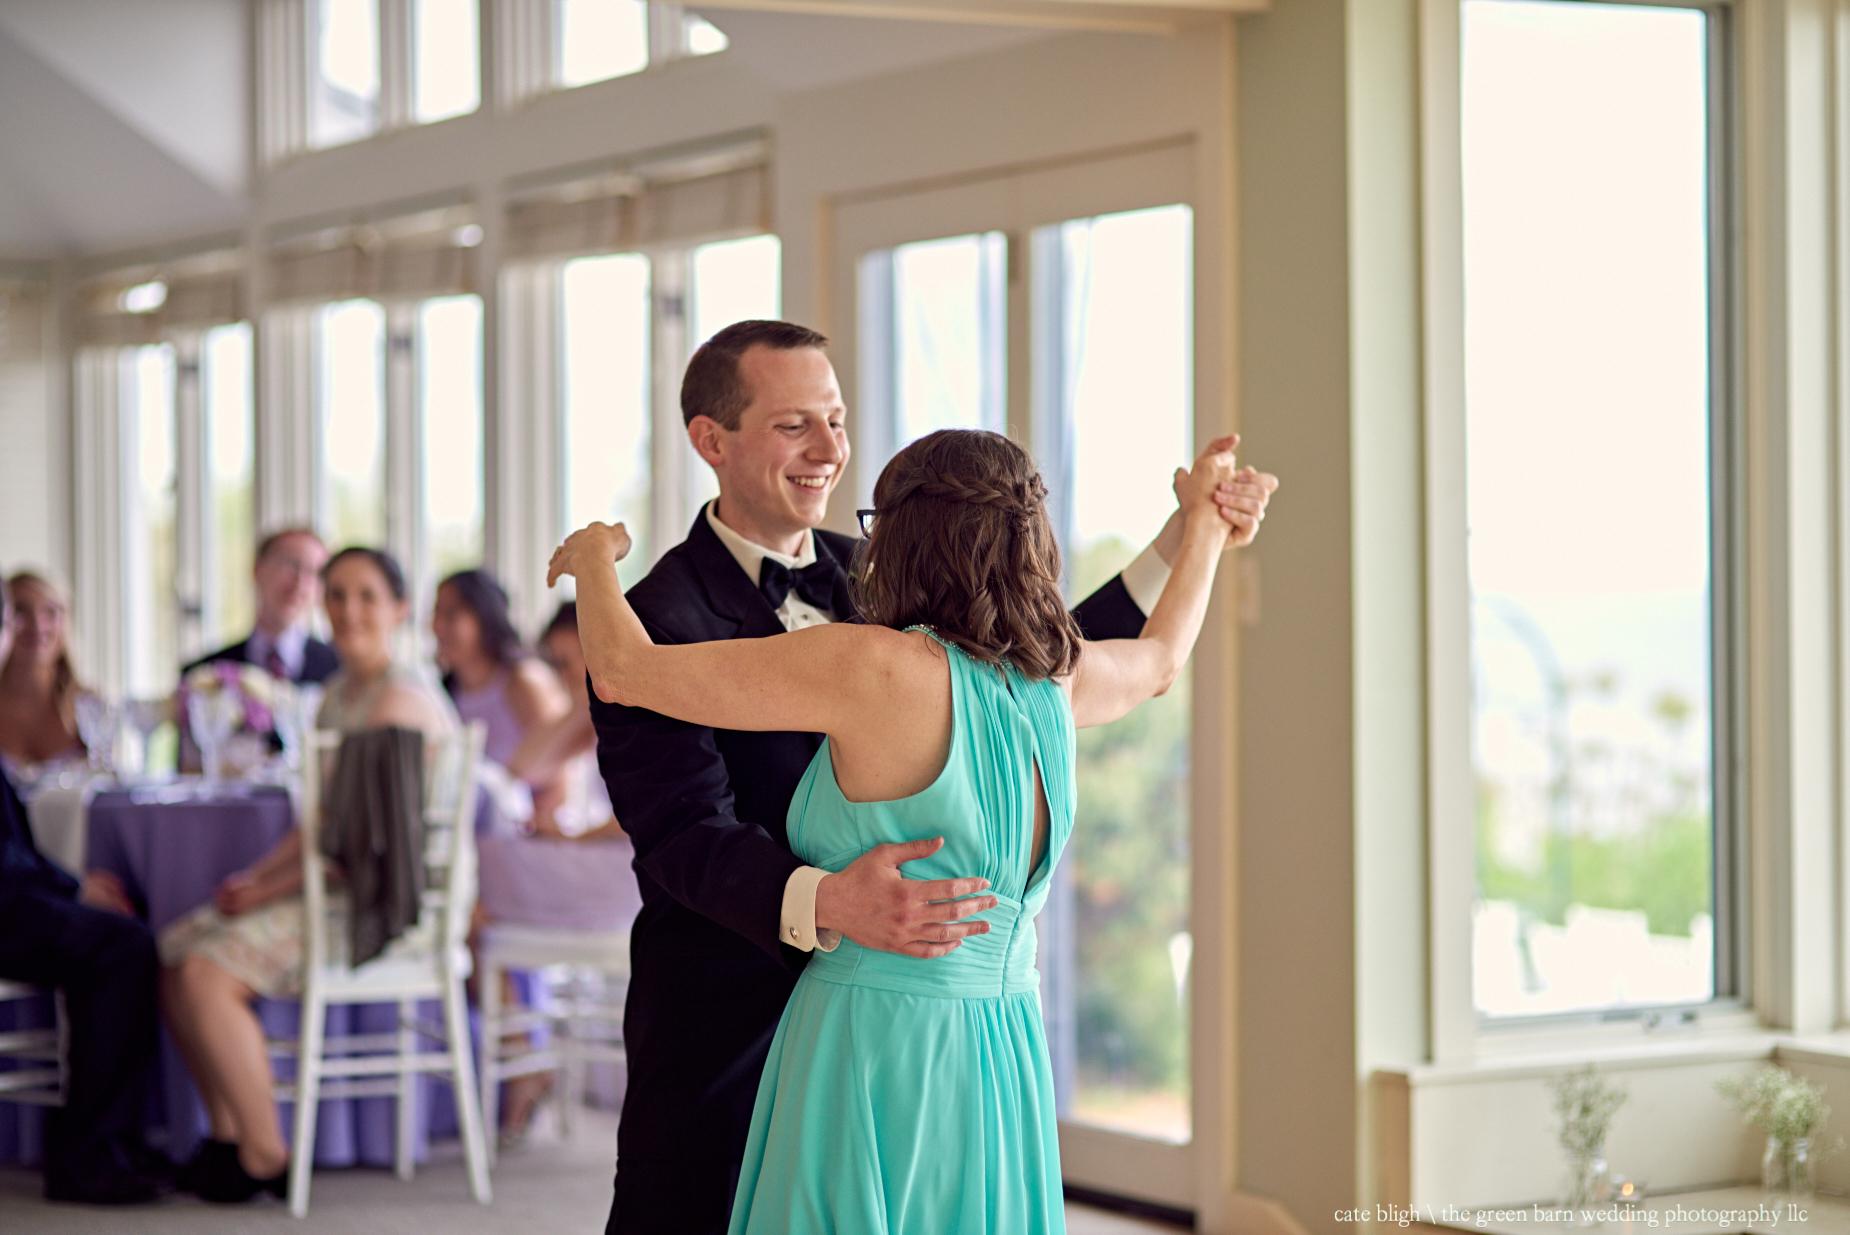 cape-elizabeth-wedding-photos-by-cate-bligh-150.jpg